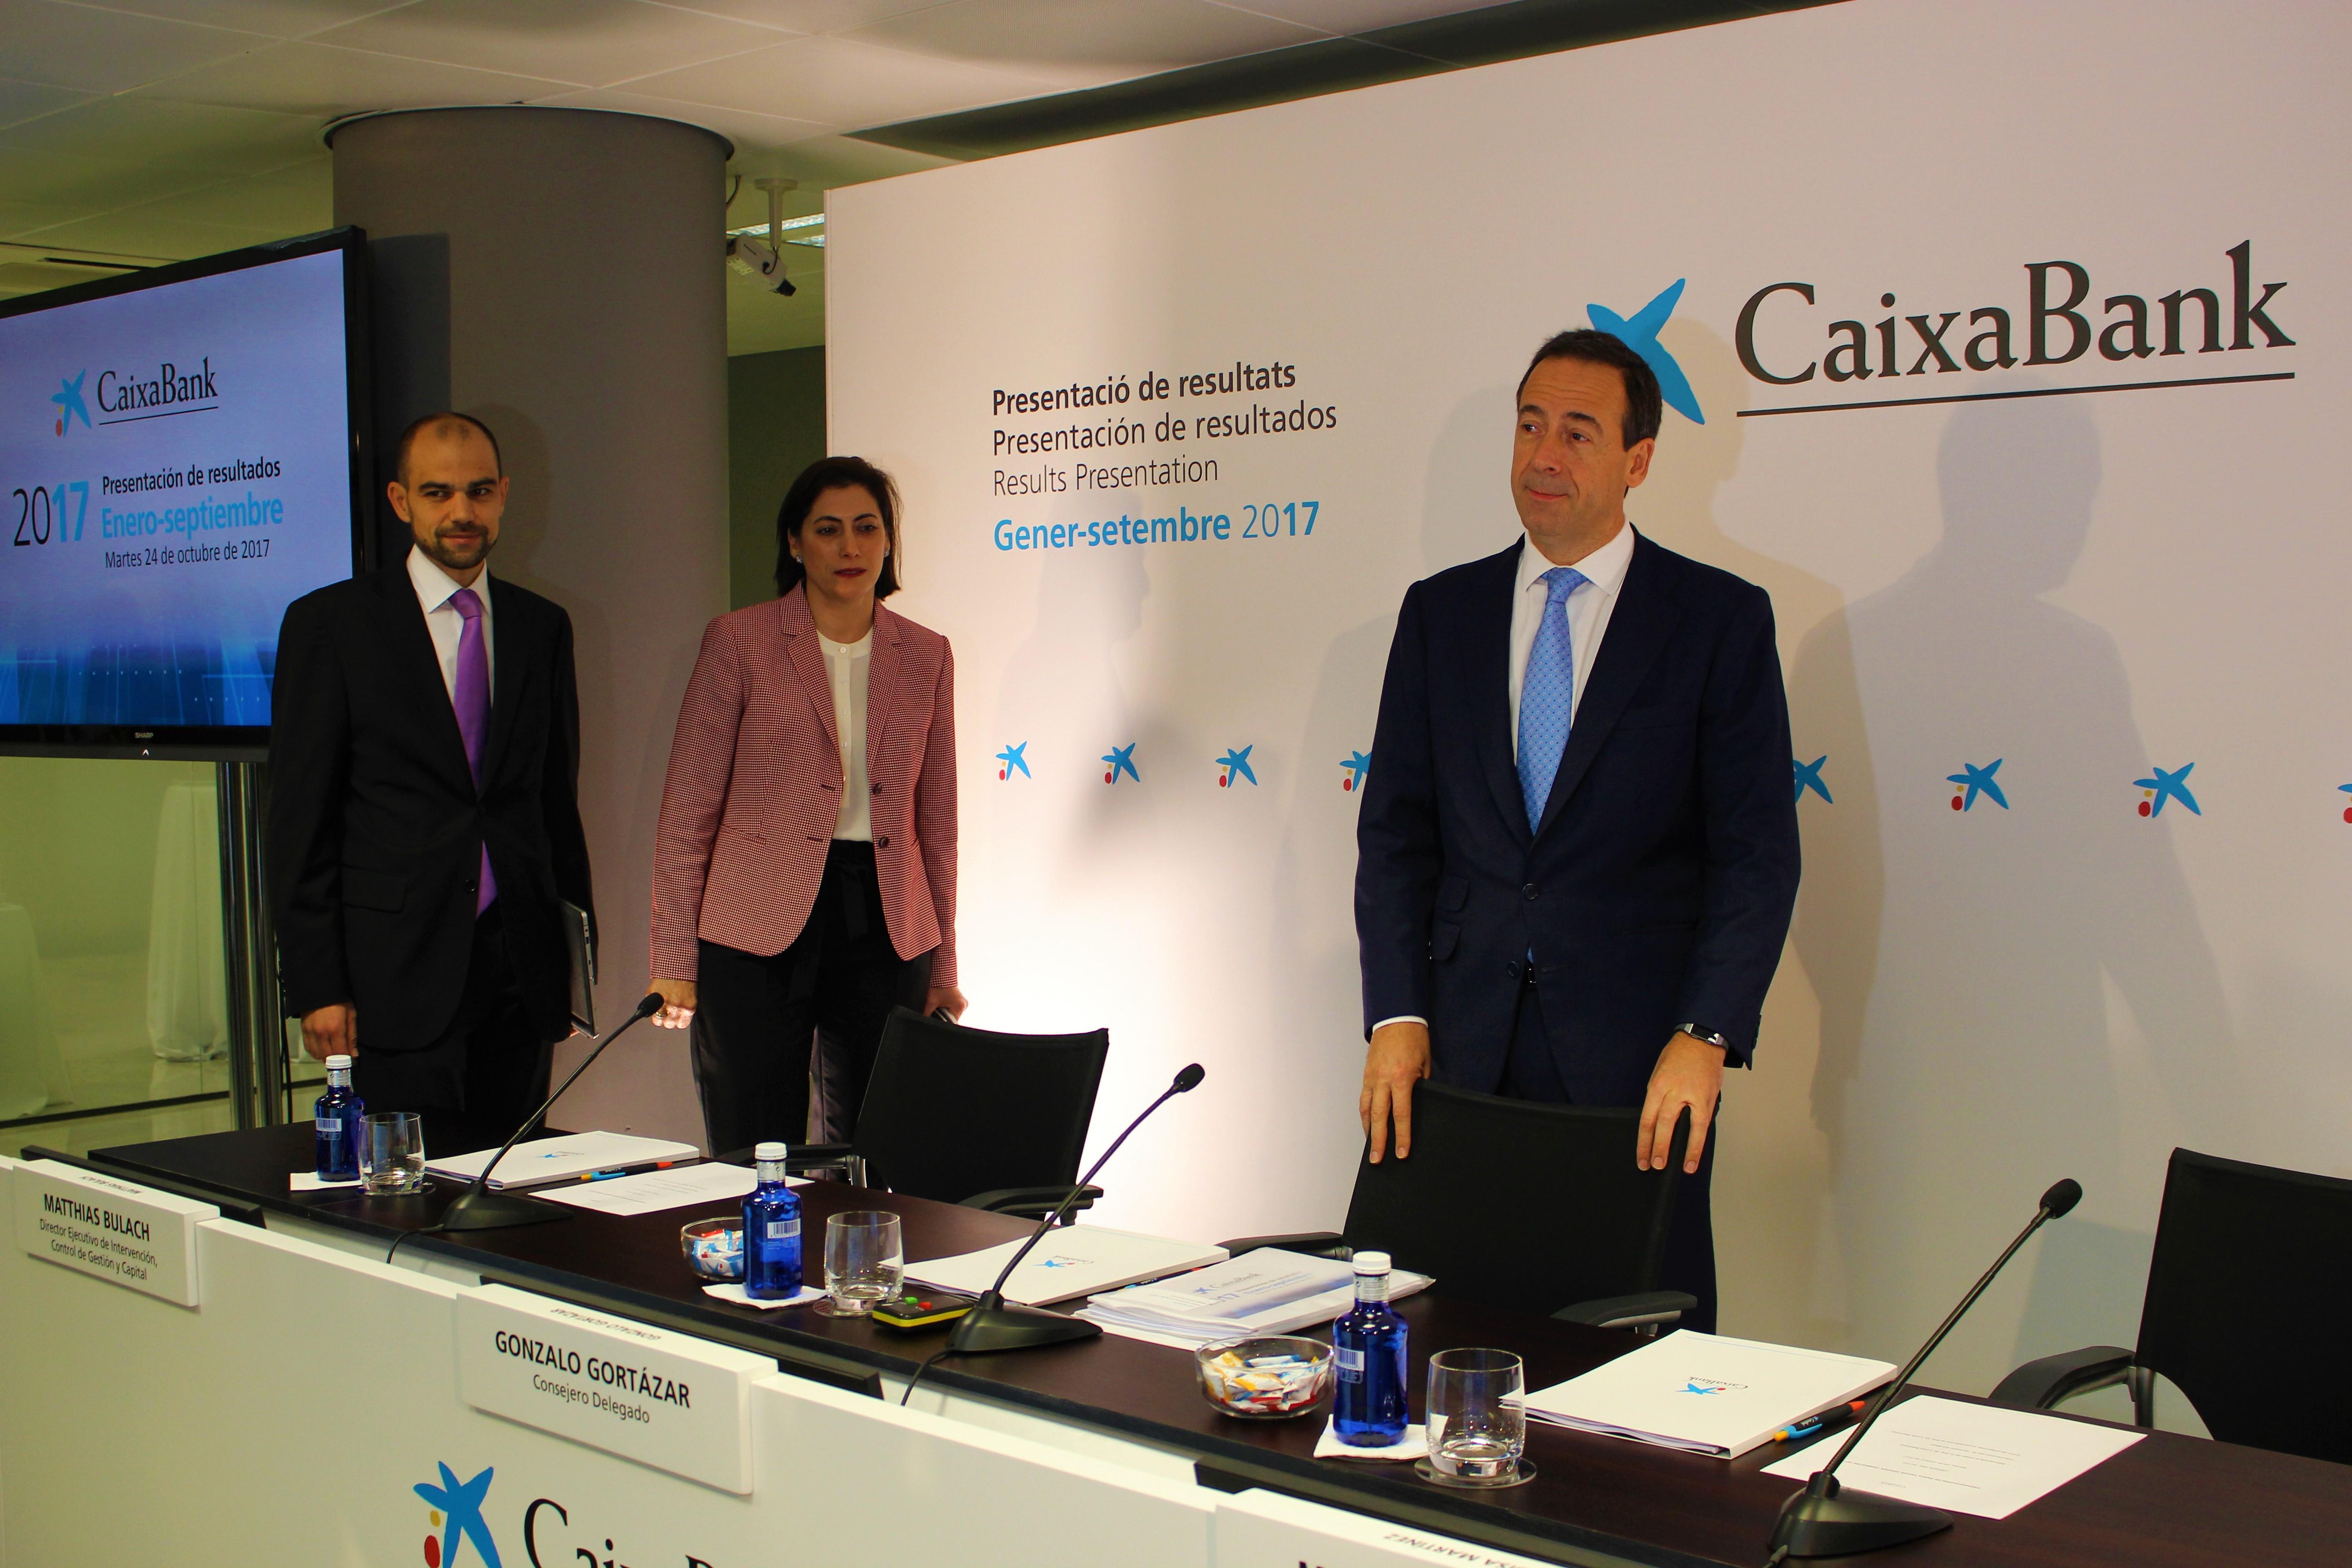 CaixaBank presenta un resultat rècord